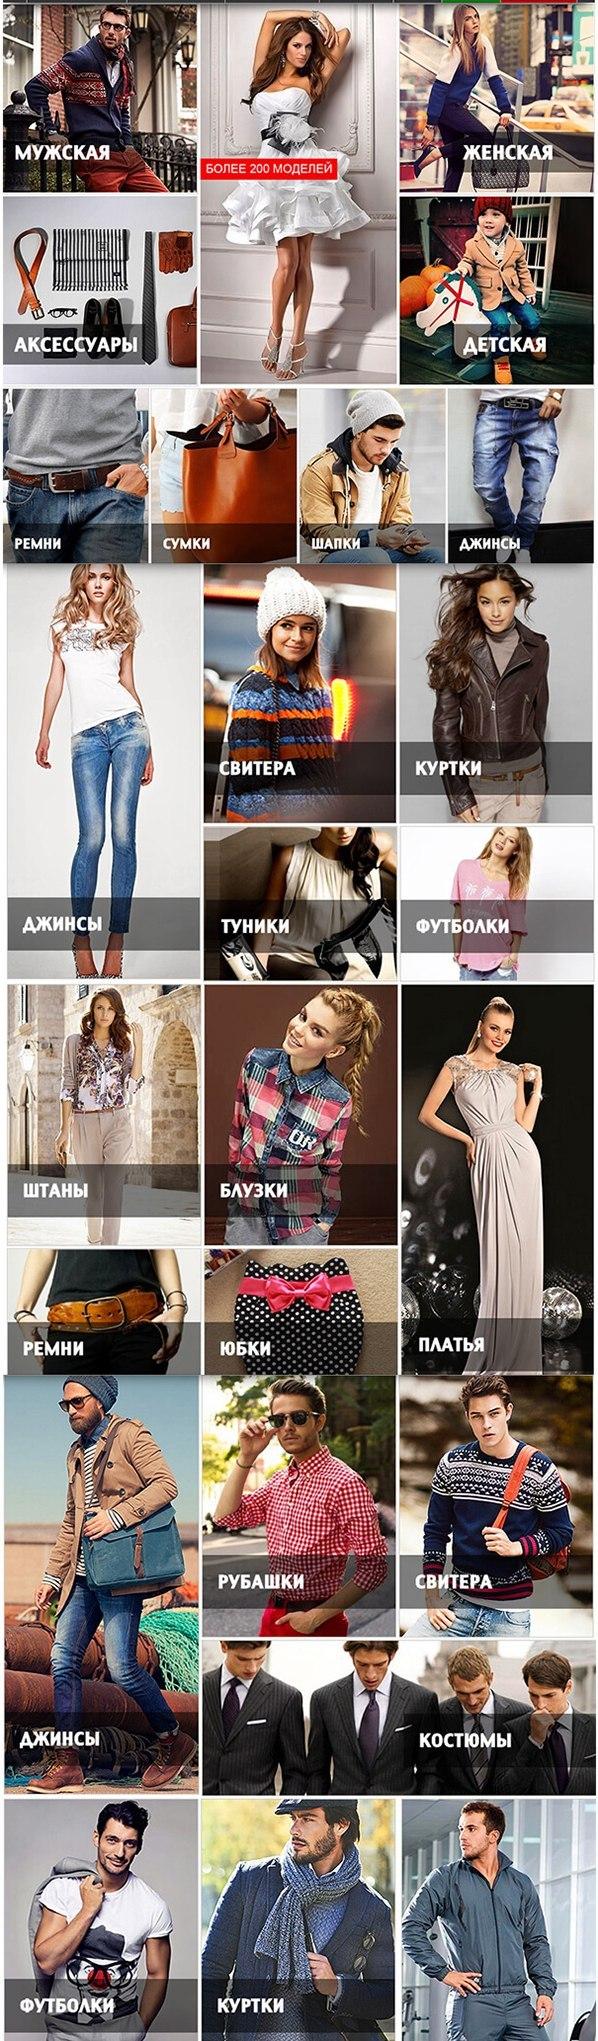 528c9d7bfdc Топ одежды Интернет магазин женской одежды тула